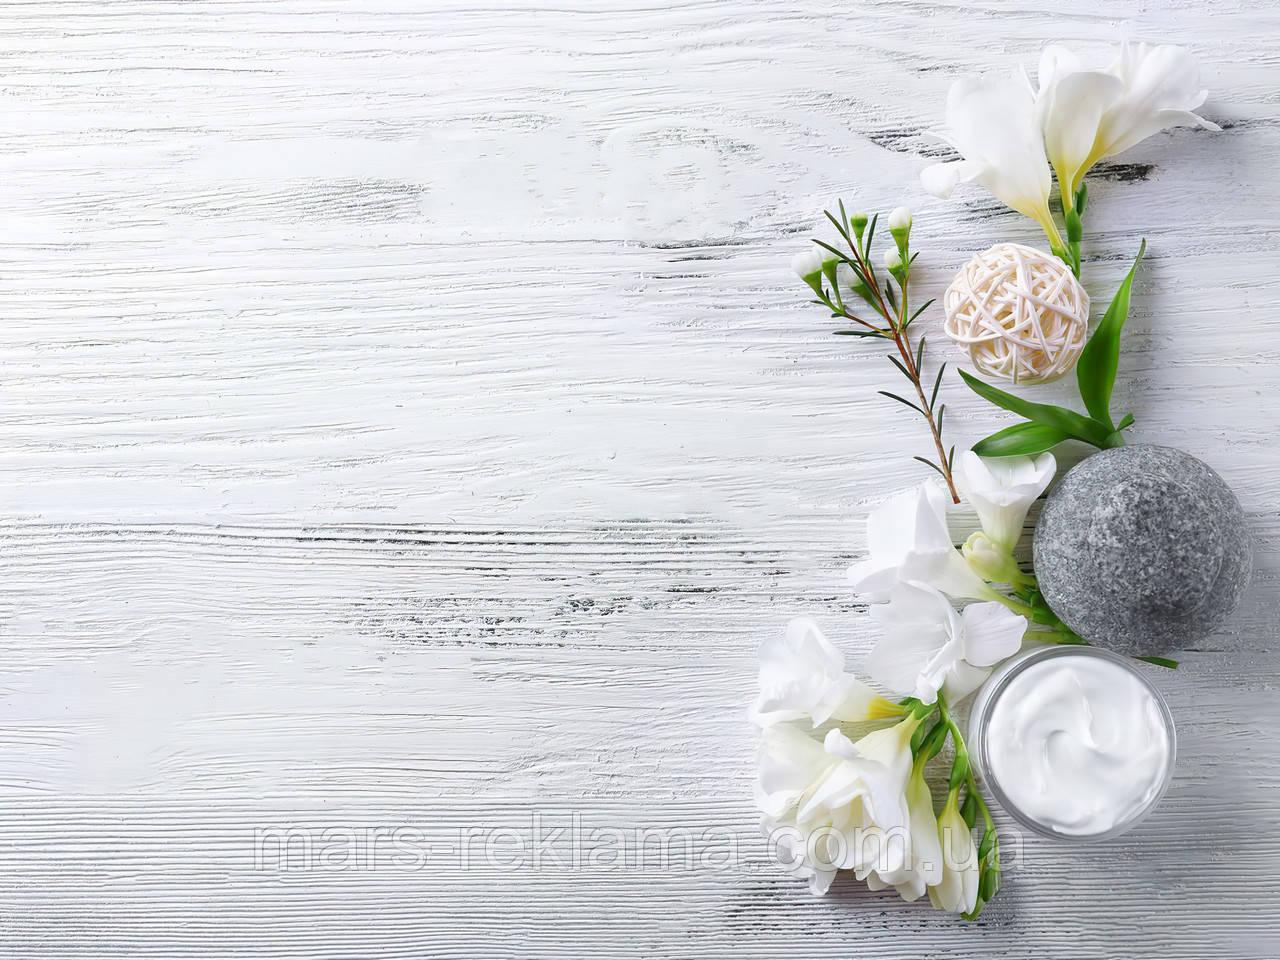 Виниловый фон (фотофон) студийный для предметной съемки. Деревянные доски. Белые цветы.